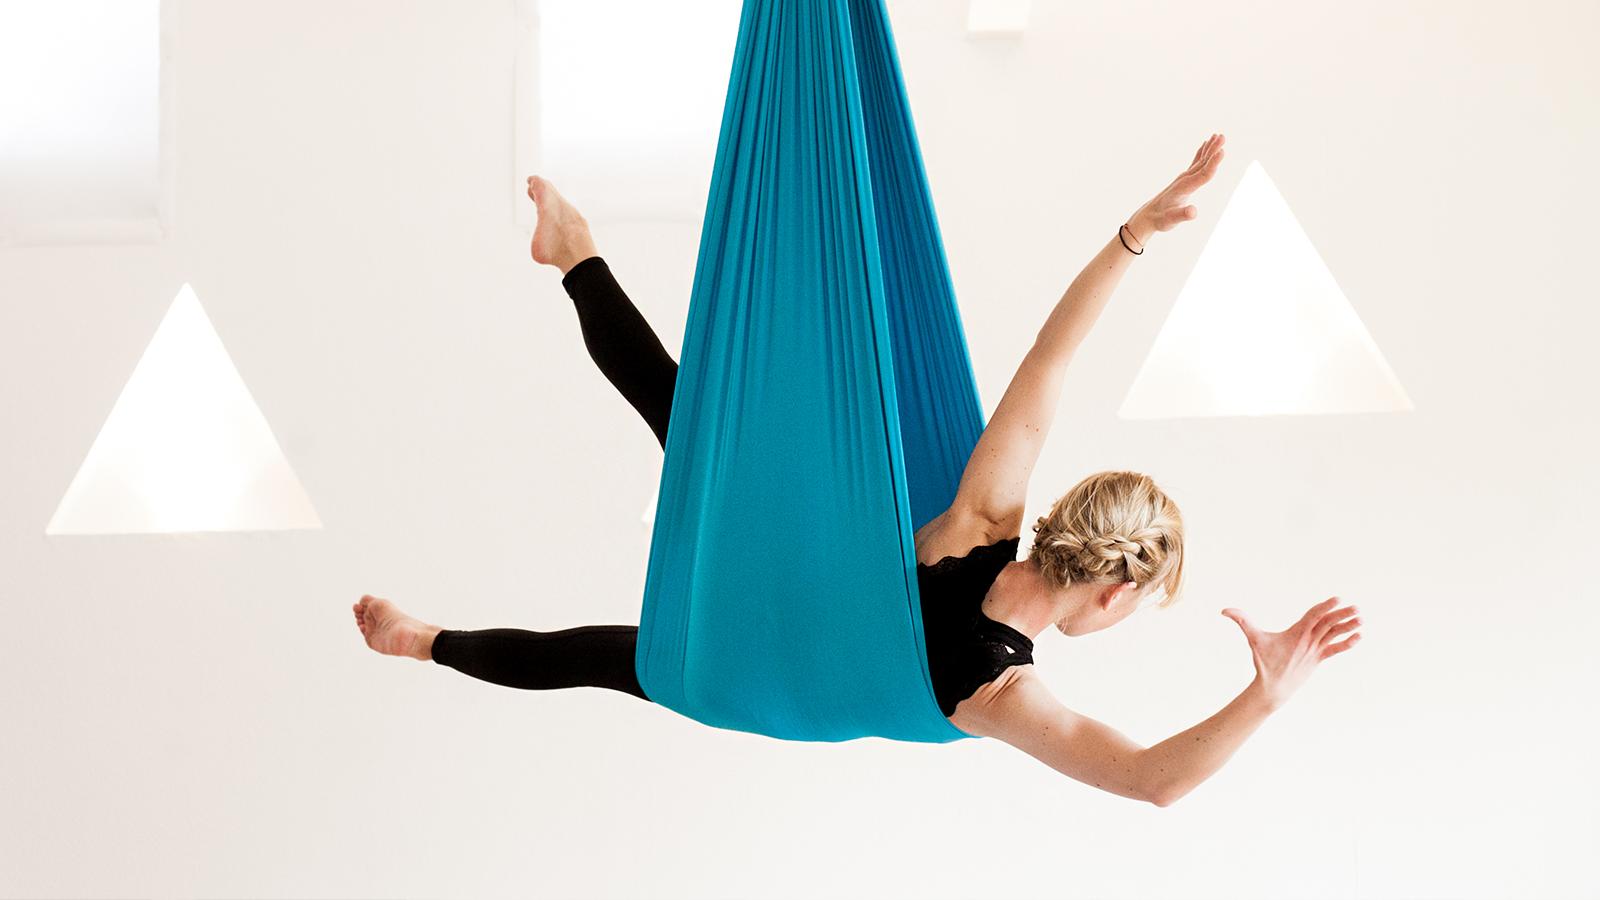 Sonja Ehrlich hat Flying Pilates entwickelt. Klassische Mattenübungen werden dabei in einem 3,70 Meter langen und 2,80 Meter breiten, von der Decke hängenden Tuch ausgeführt